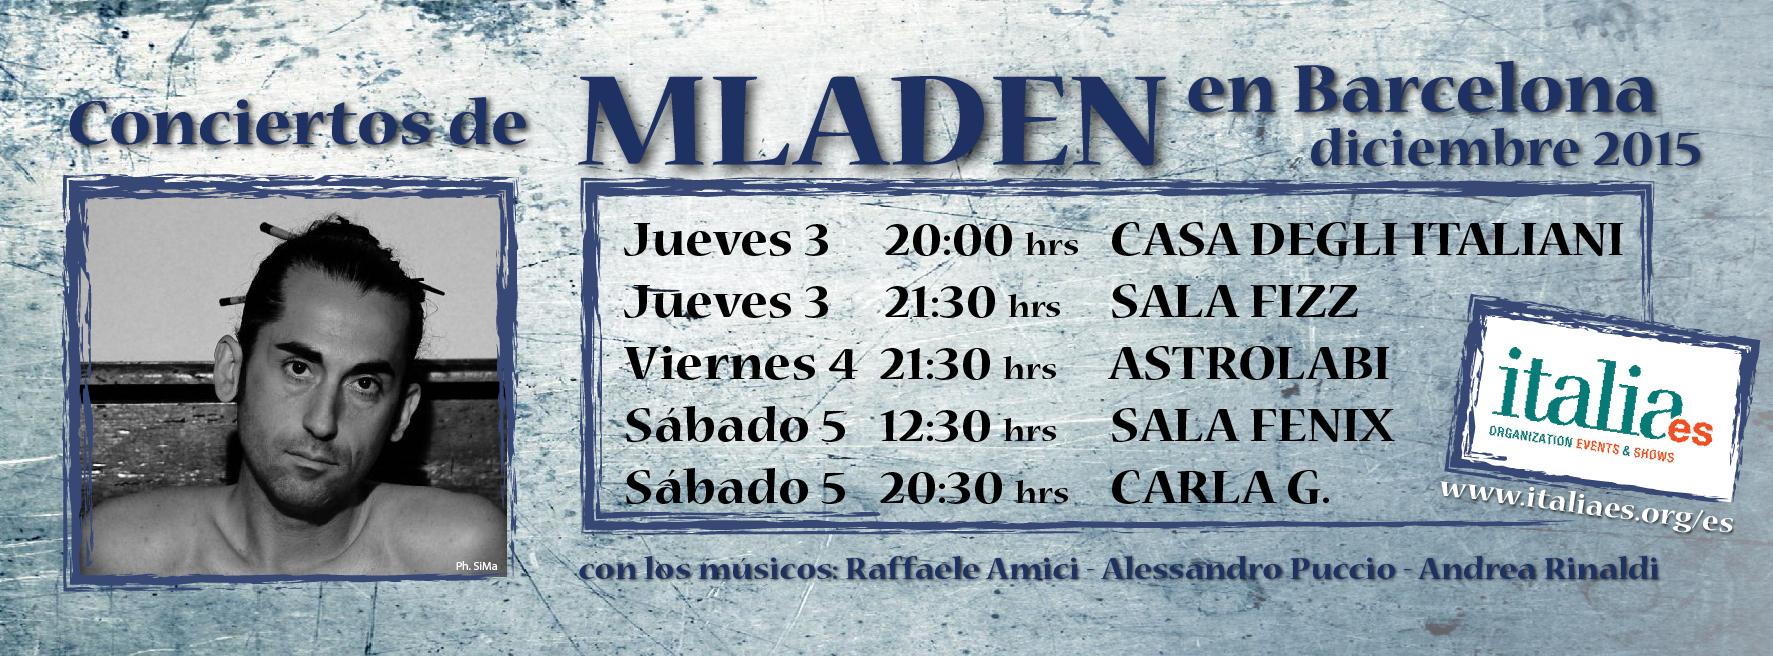 Conciertos MLADEN ne Barcelona